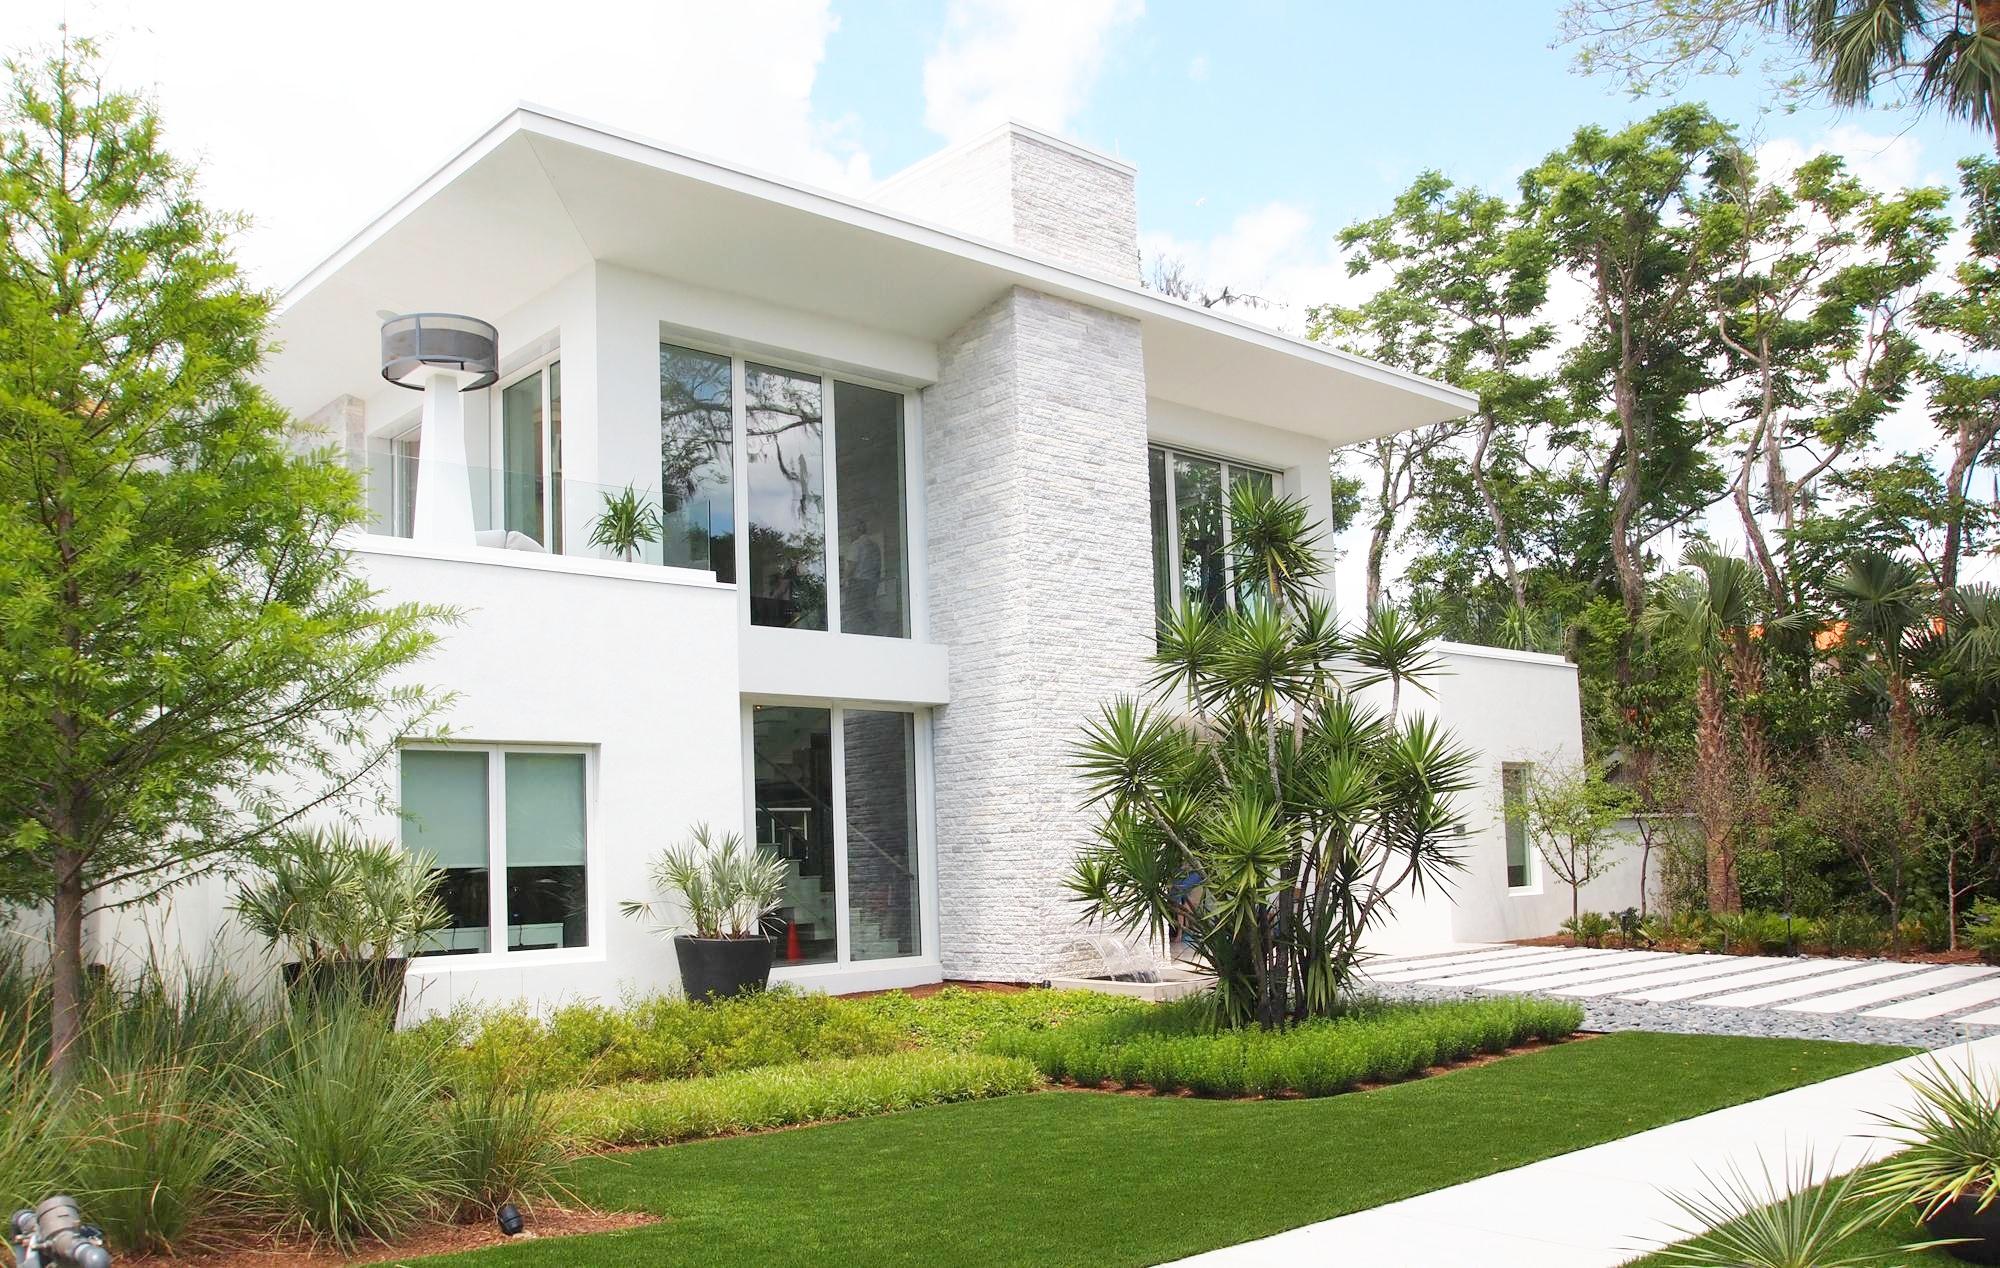 Casa cu geamuri din PVC